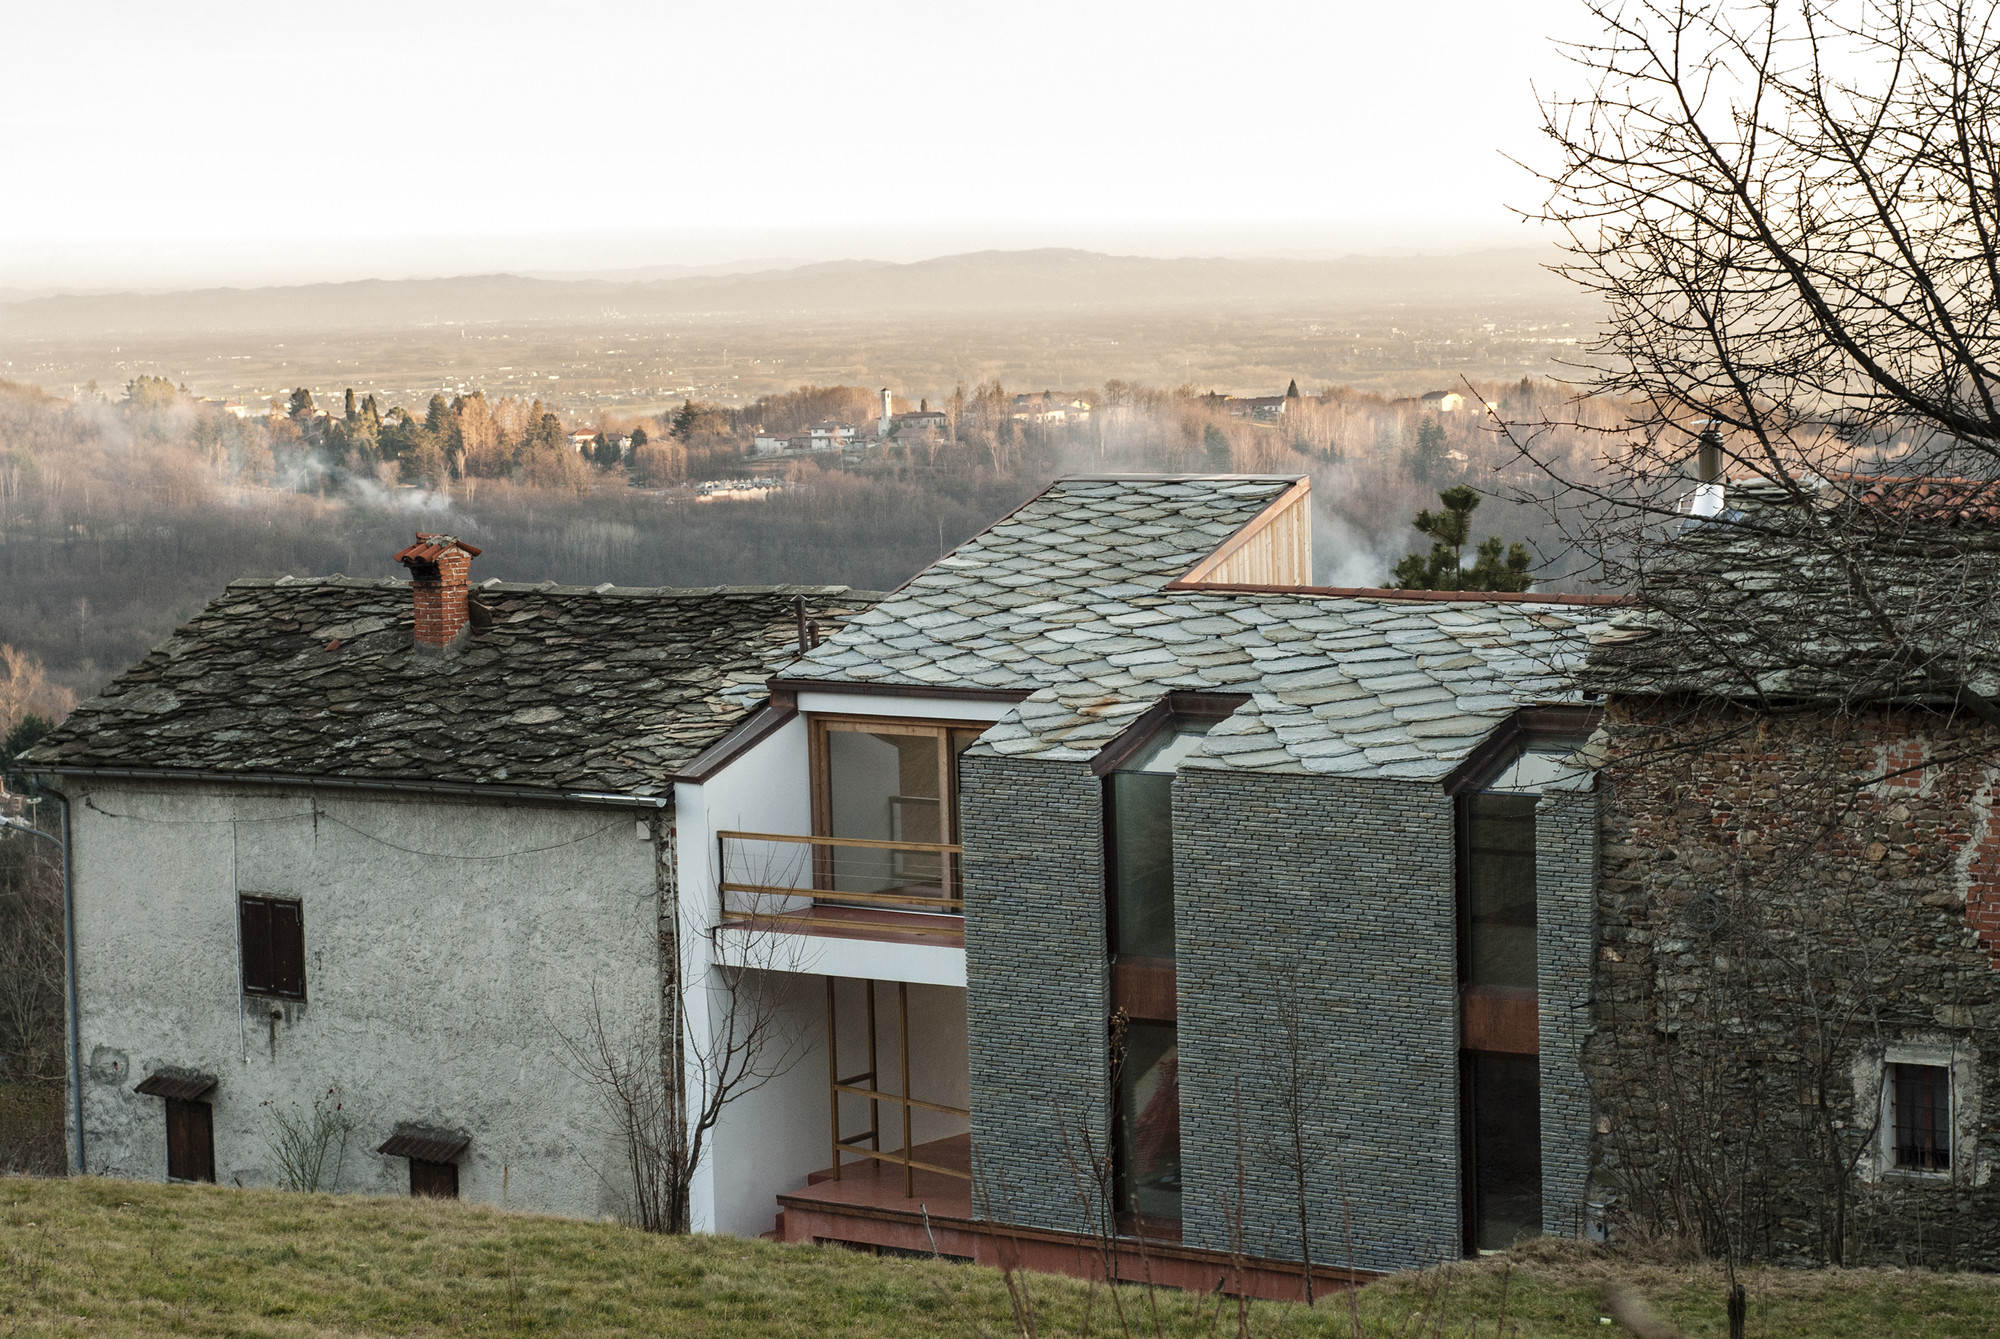 Casa no sopé dos Alpes / Deamicisarchitetti, Cortesia de Deamicisarchitetti